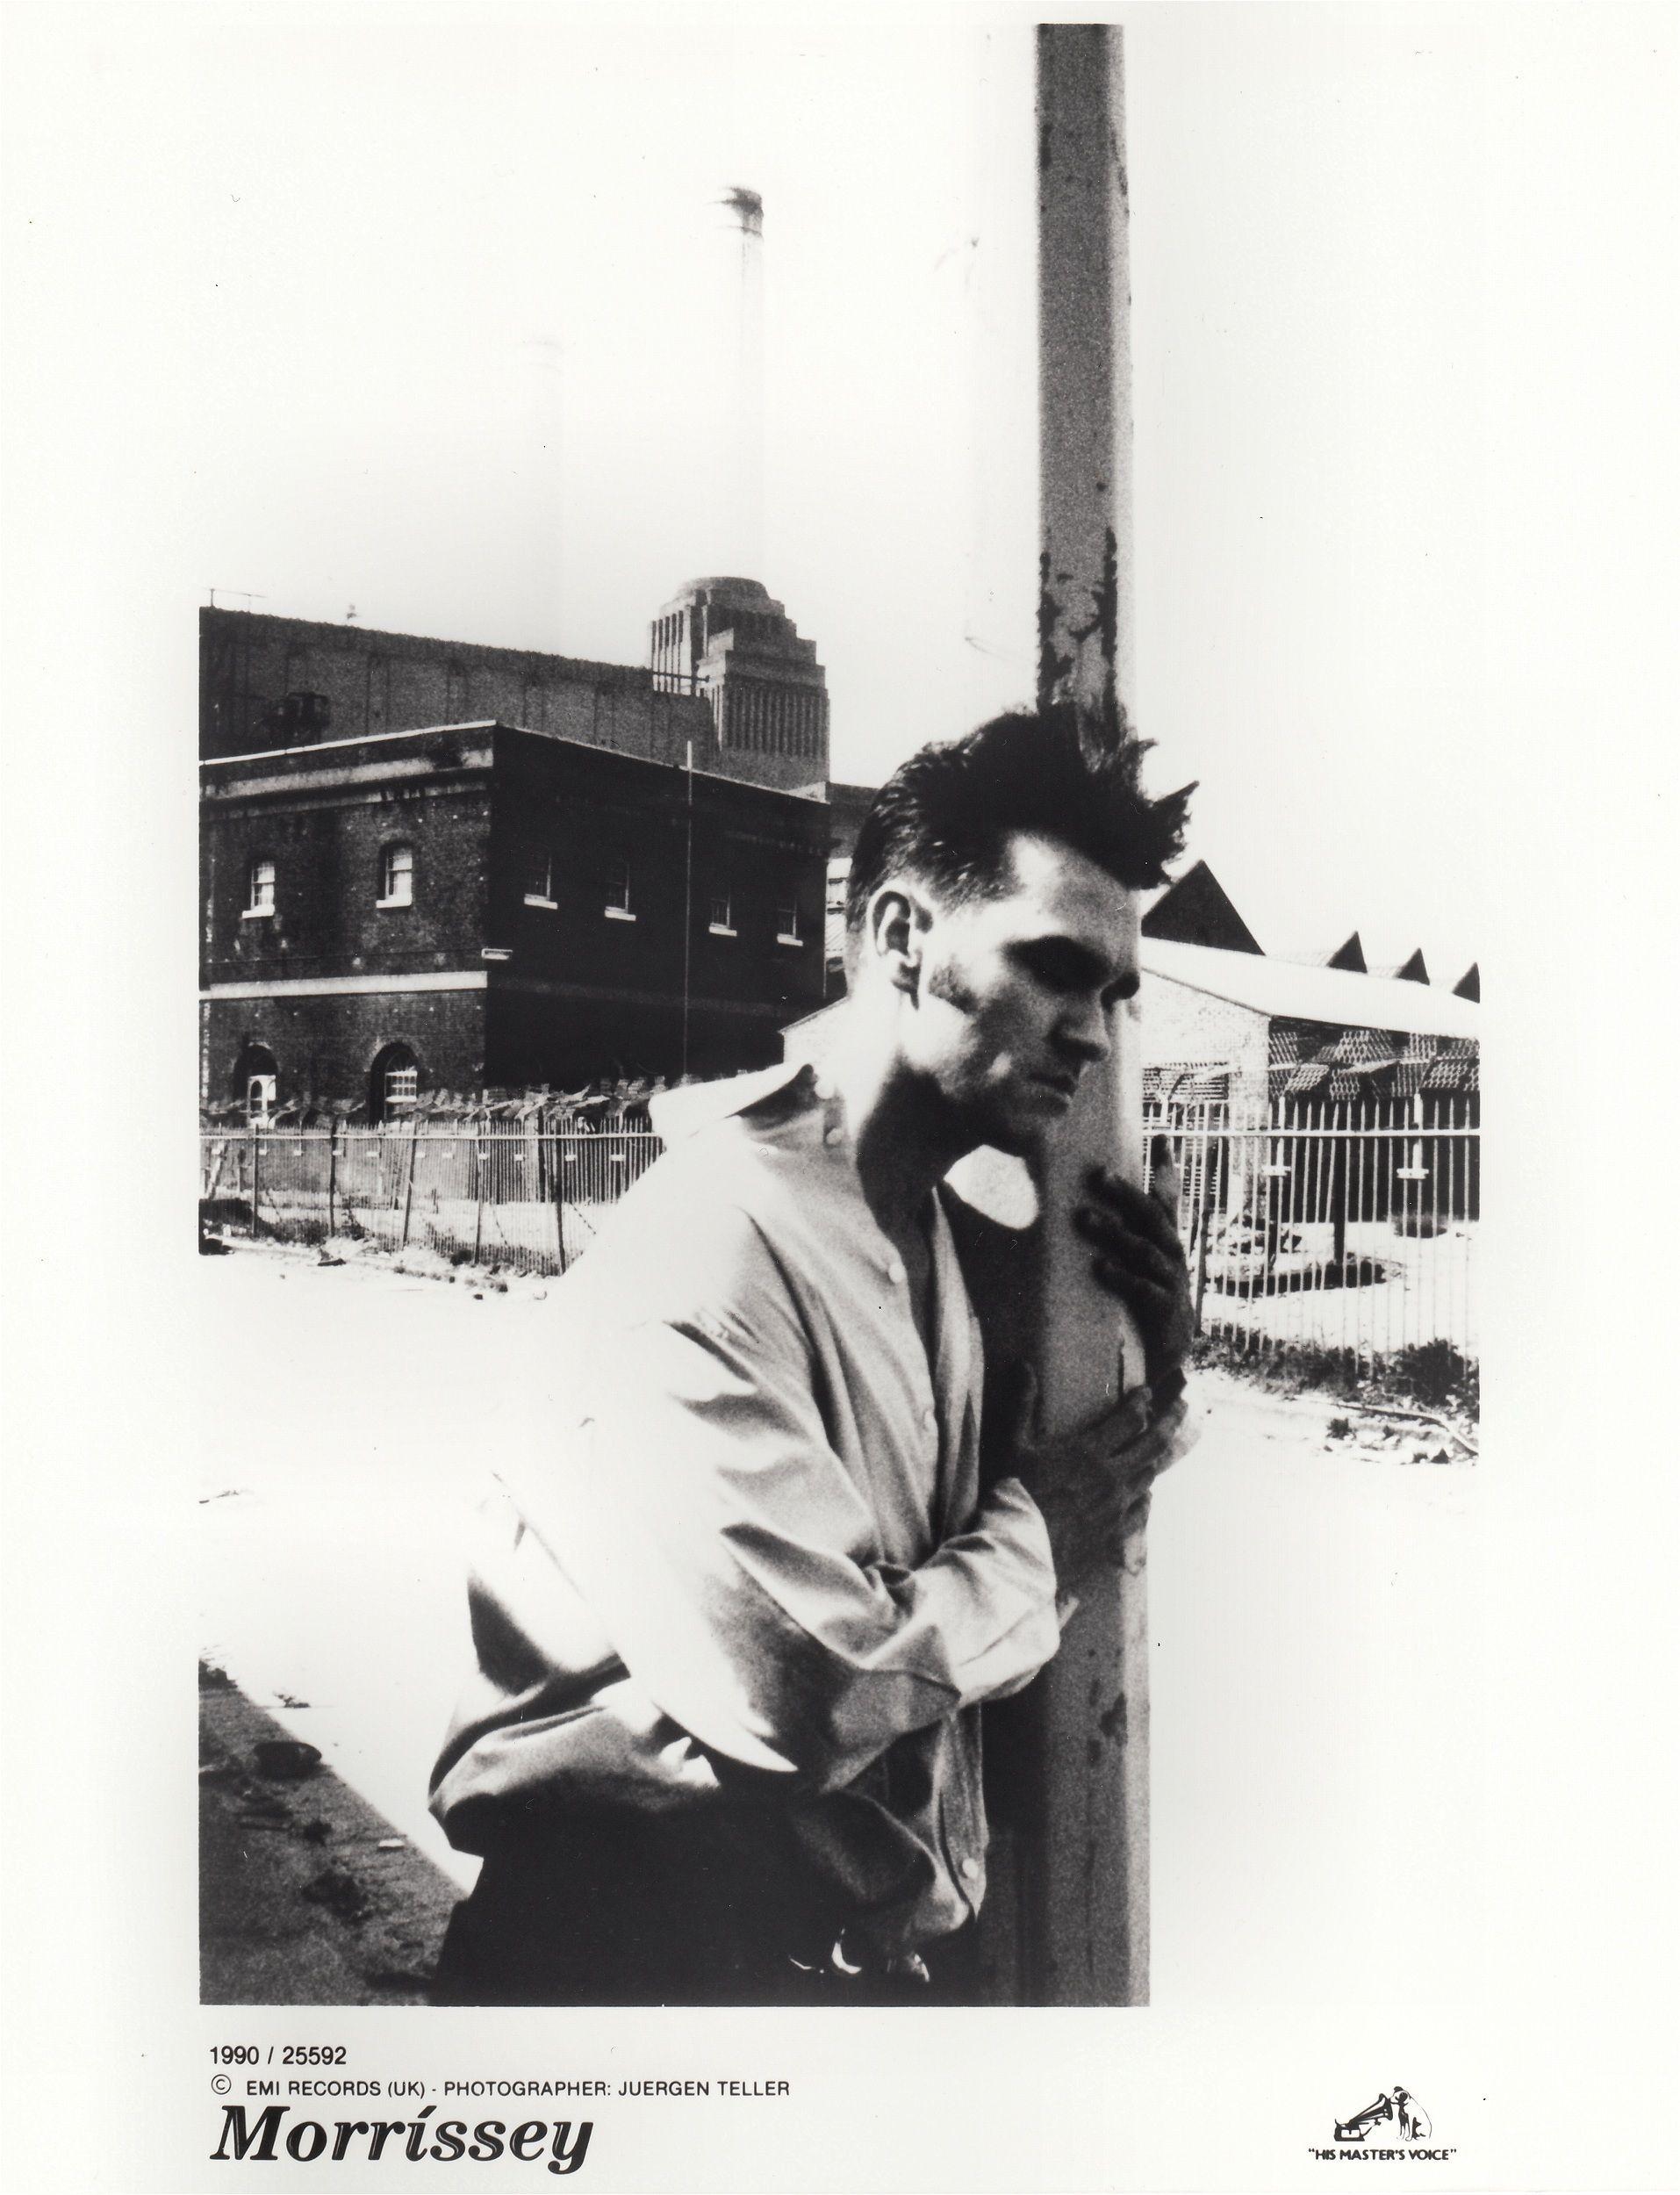 Morrissey By Juergen Teller Www Nodigasiconoporfavor Com Morrissey Juergen Teller The Smiths Morrissey